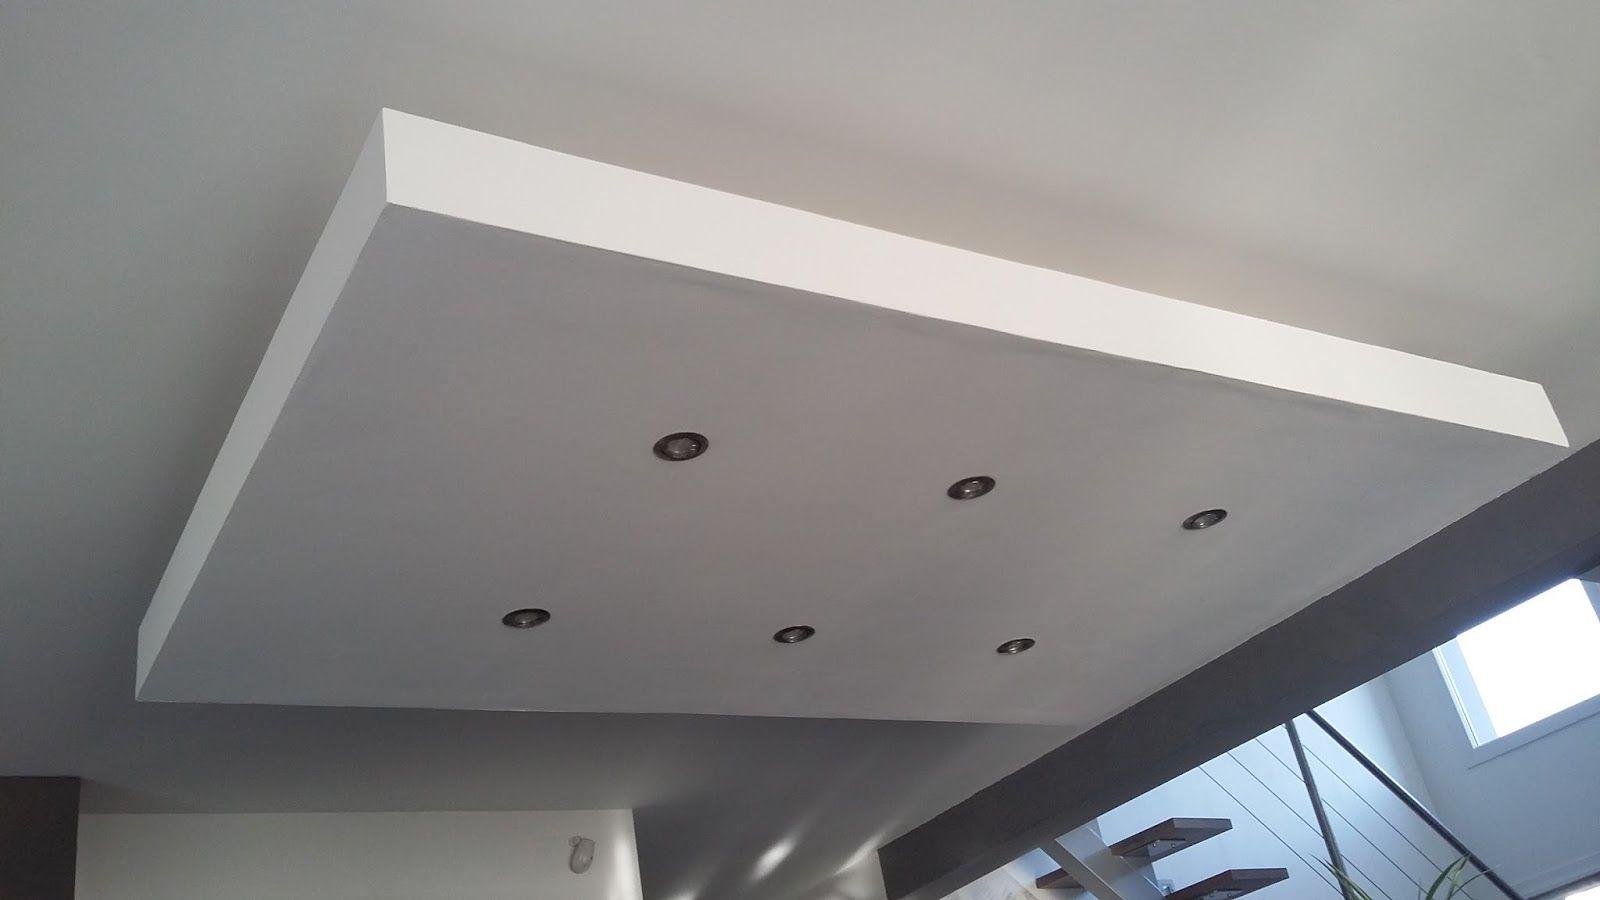 Décoration De Plafond En Platre concernant déroché plafond descendu suspendu ilot central decaissement design